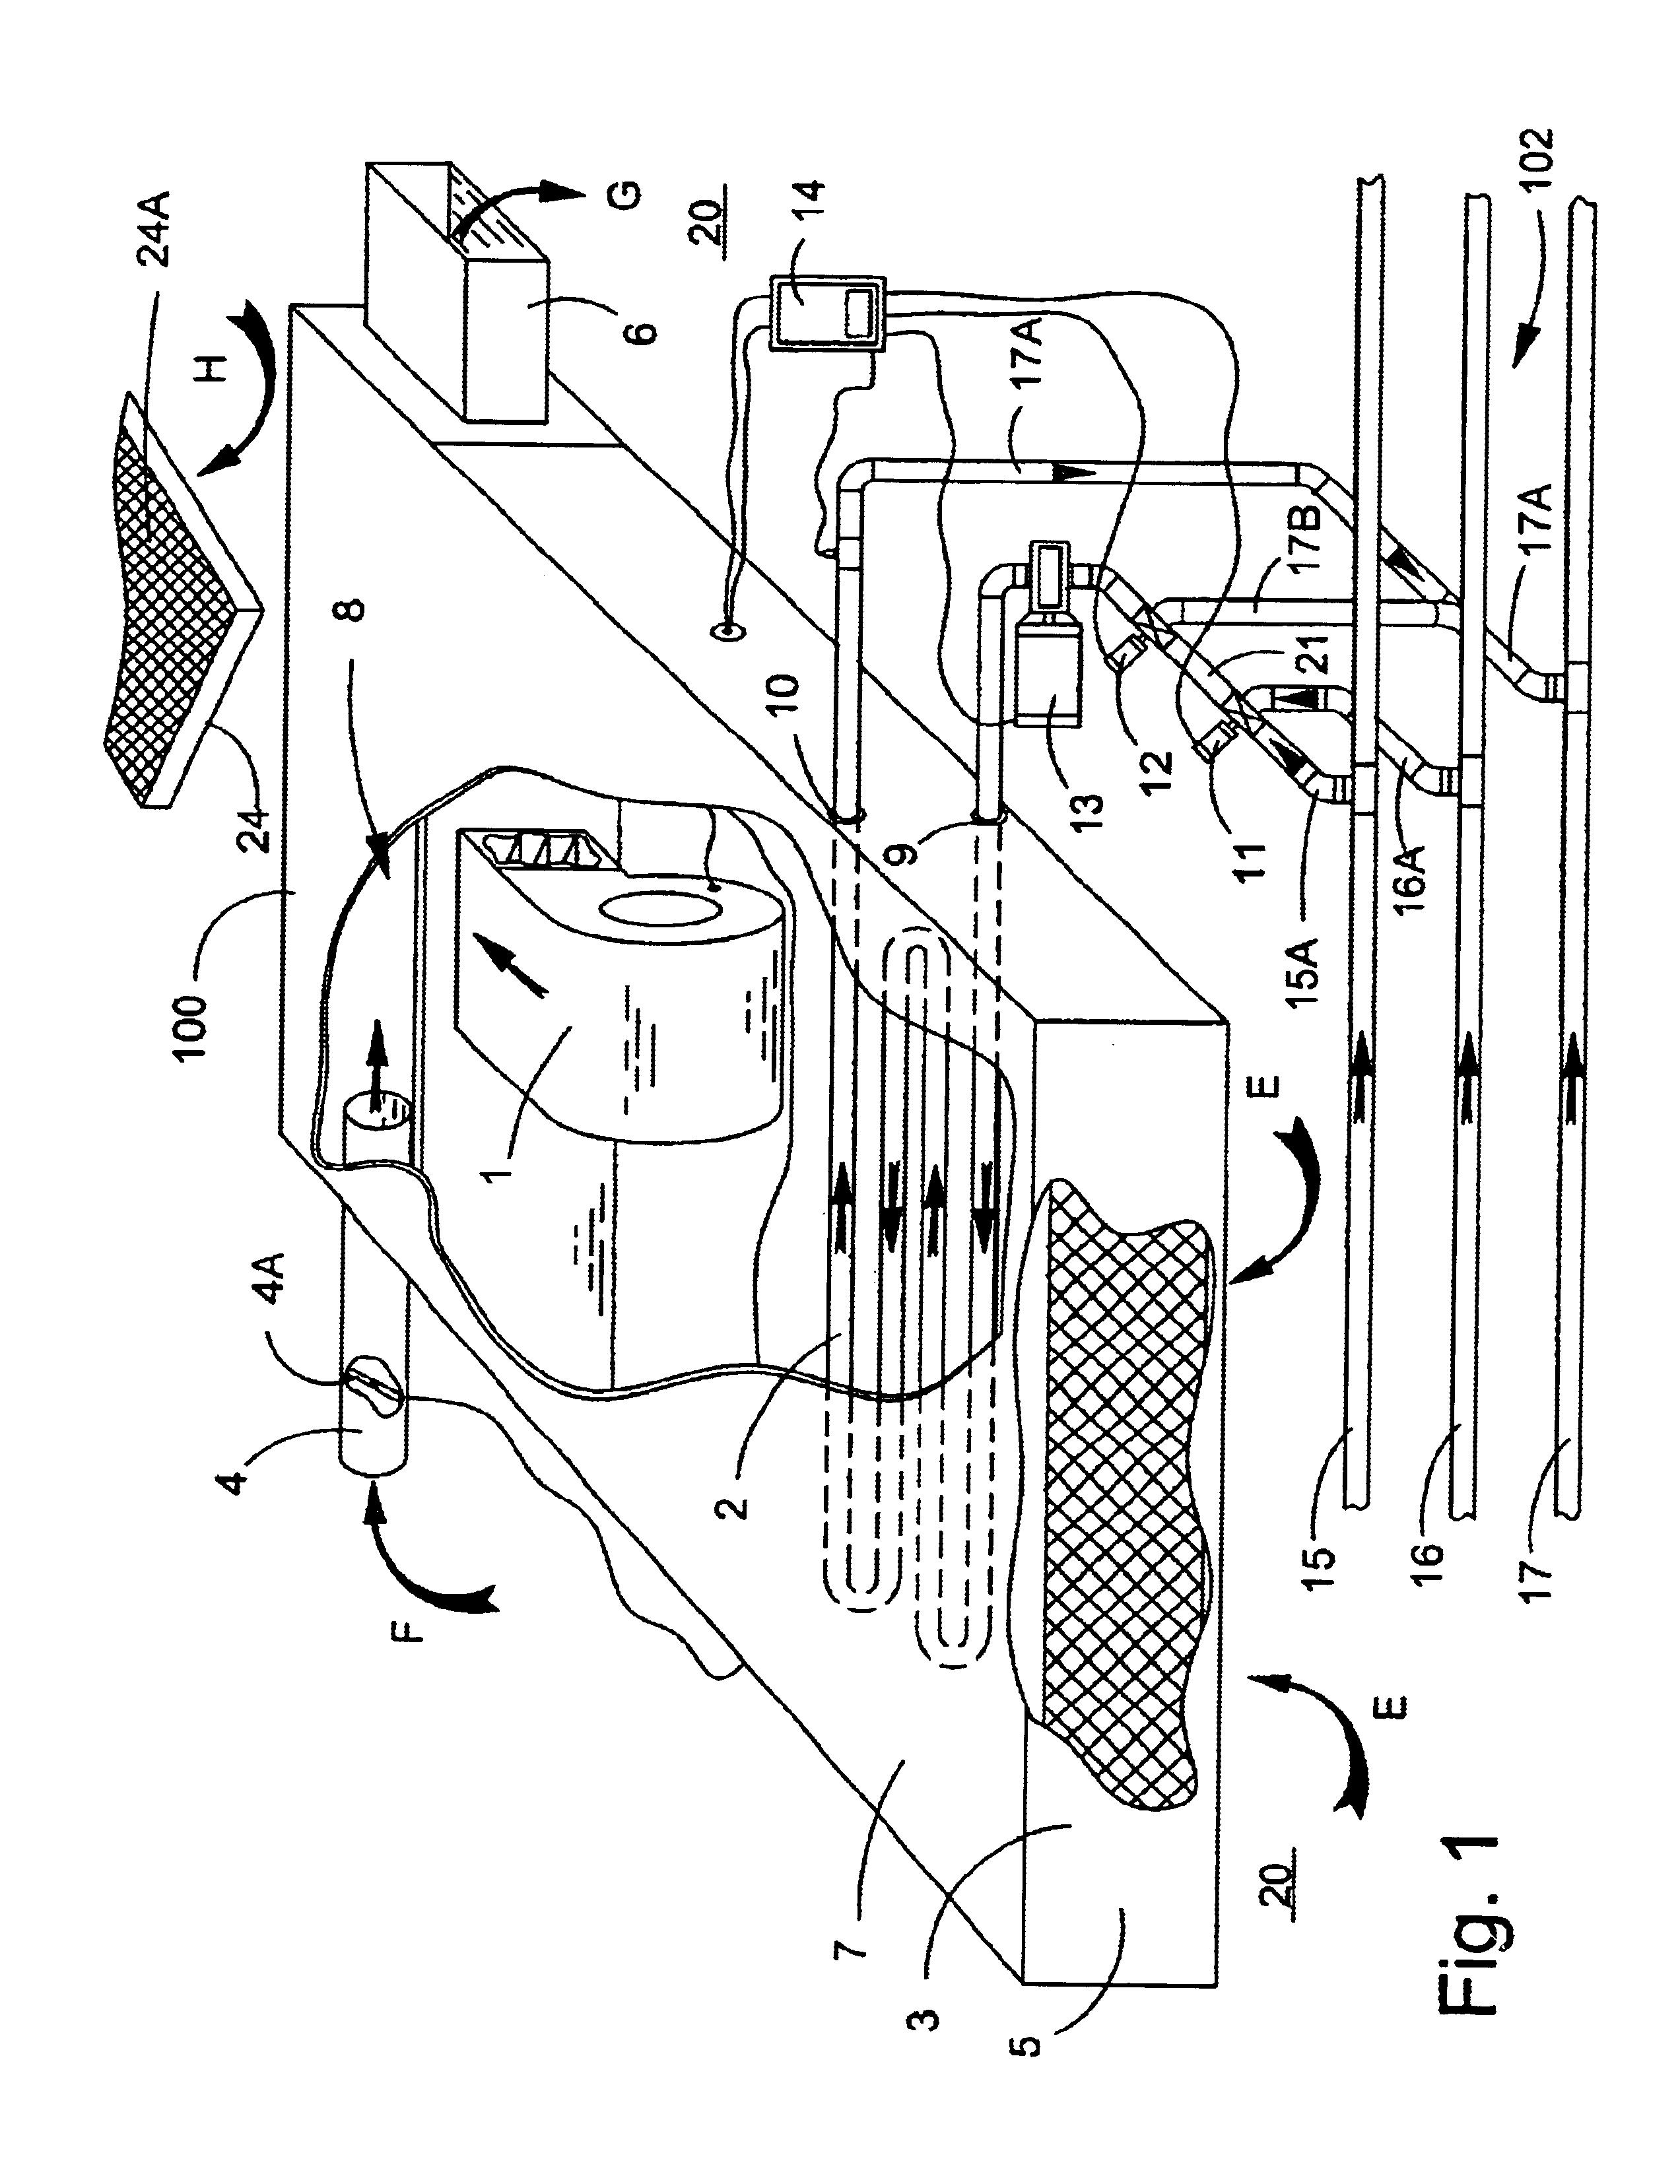 patent us6834714